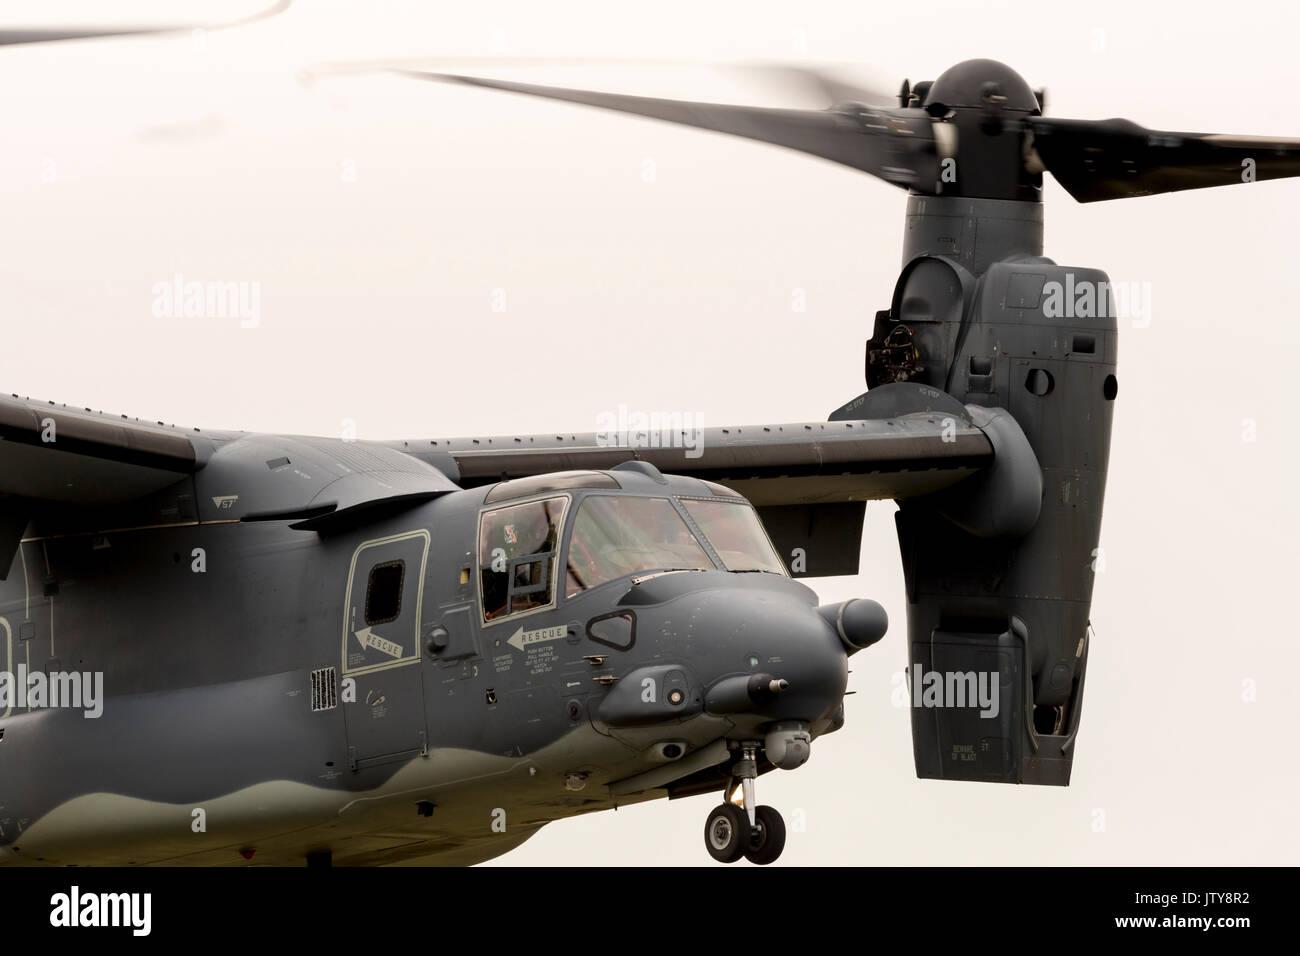 CV-22 Osprey, USAF Photo Stock